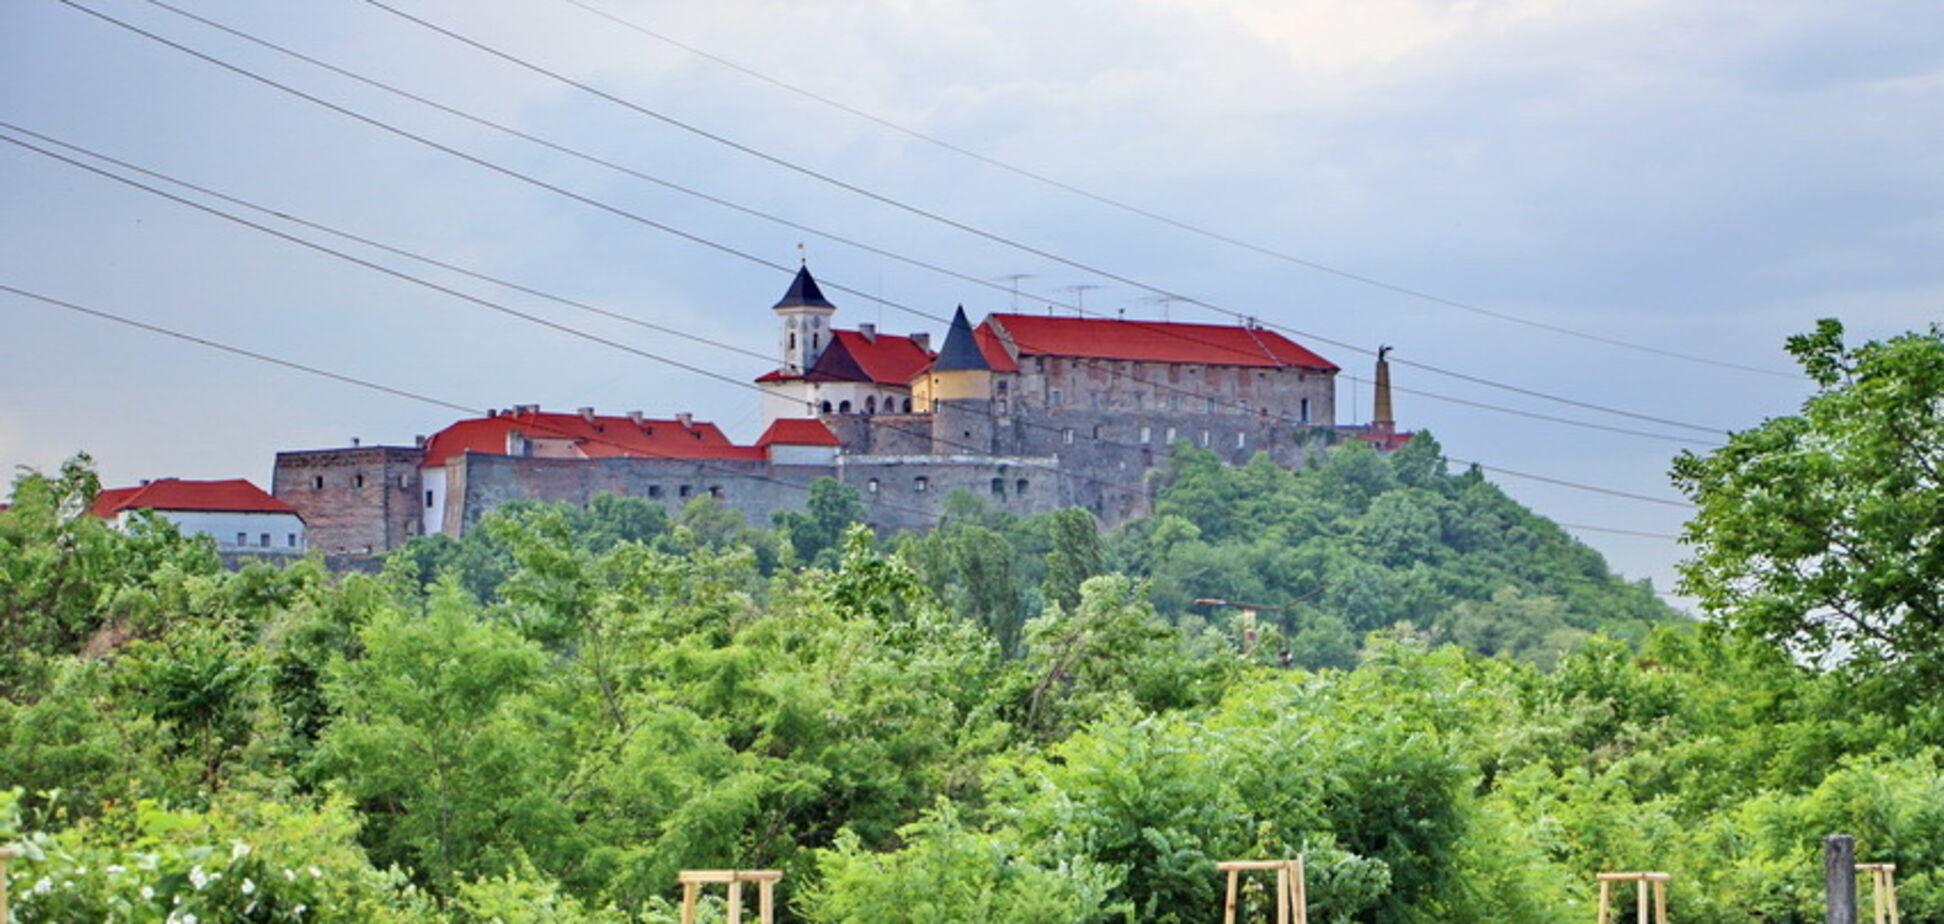 Фотограф показав дивовижну красу старовинного замку на Закарпатті